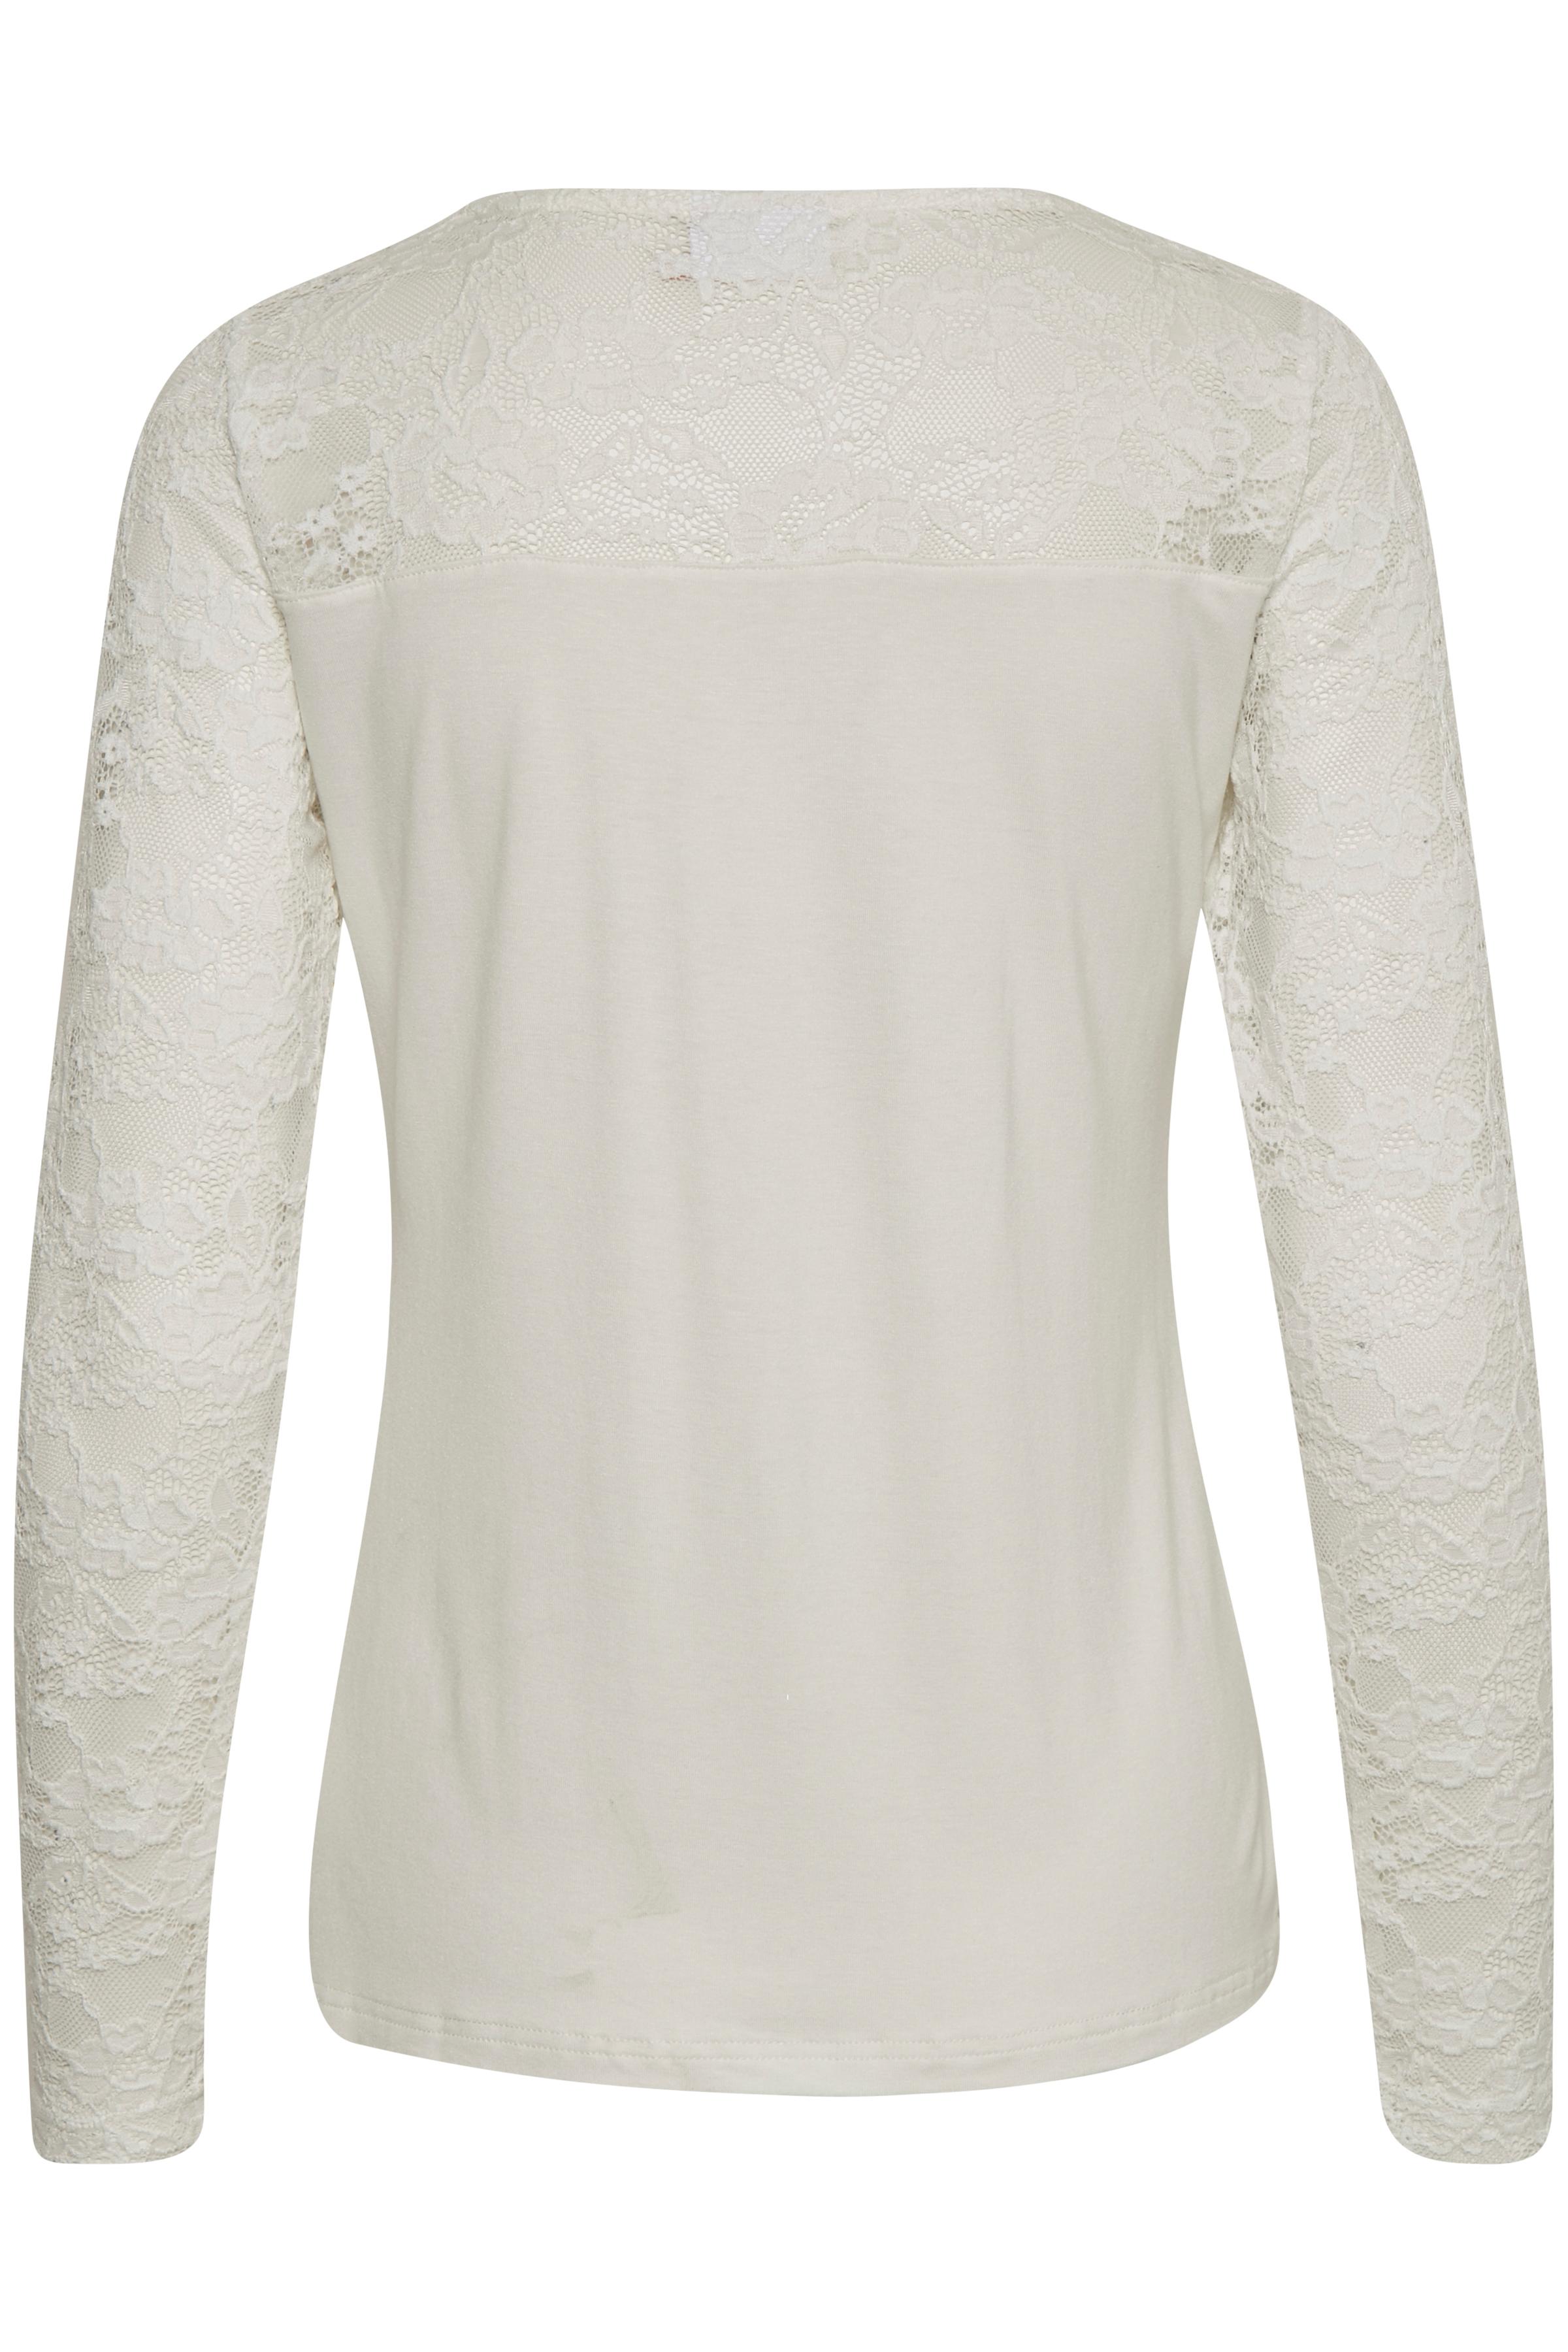 Off-white Langærmet T-shirt fra Kaffe – Køb Off-white Langærmet T-shirt fra str. XS-XXL her